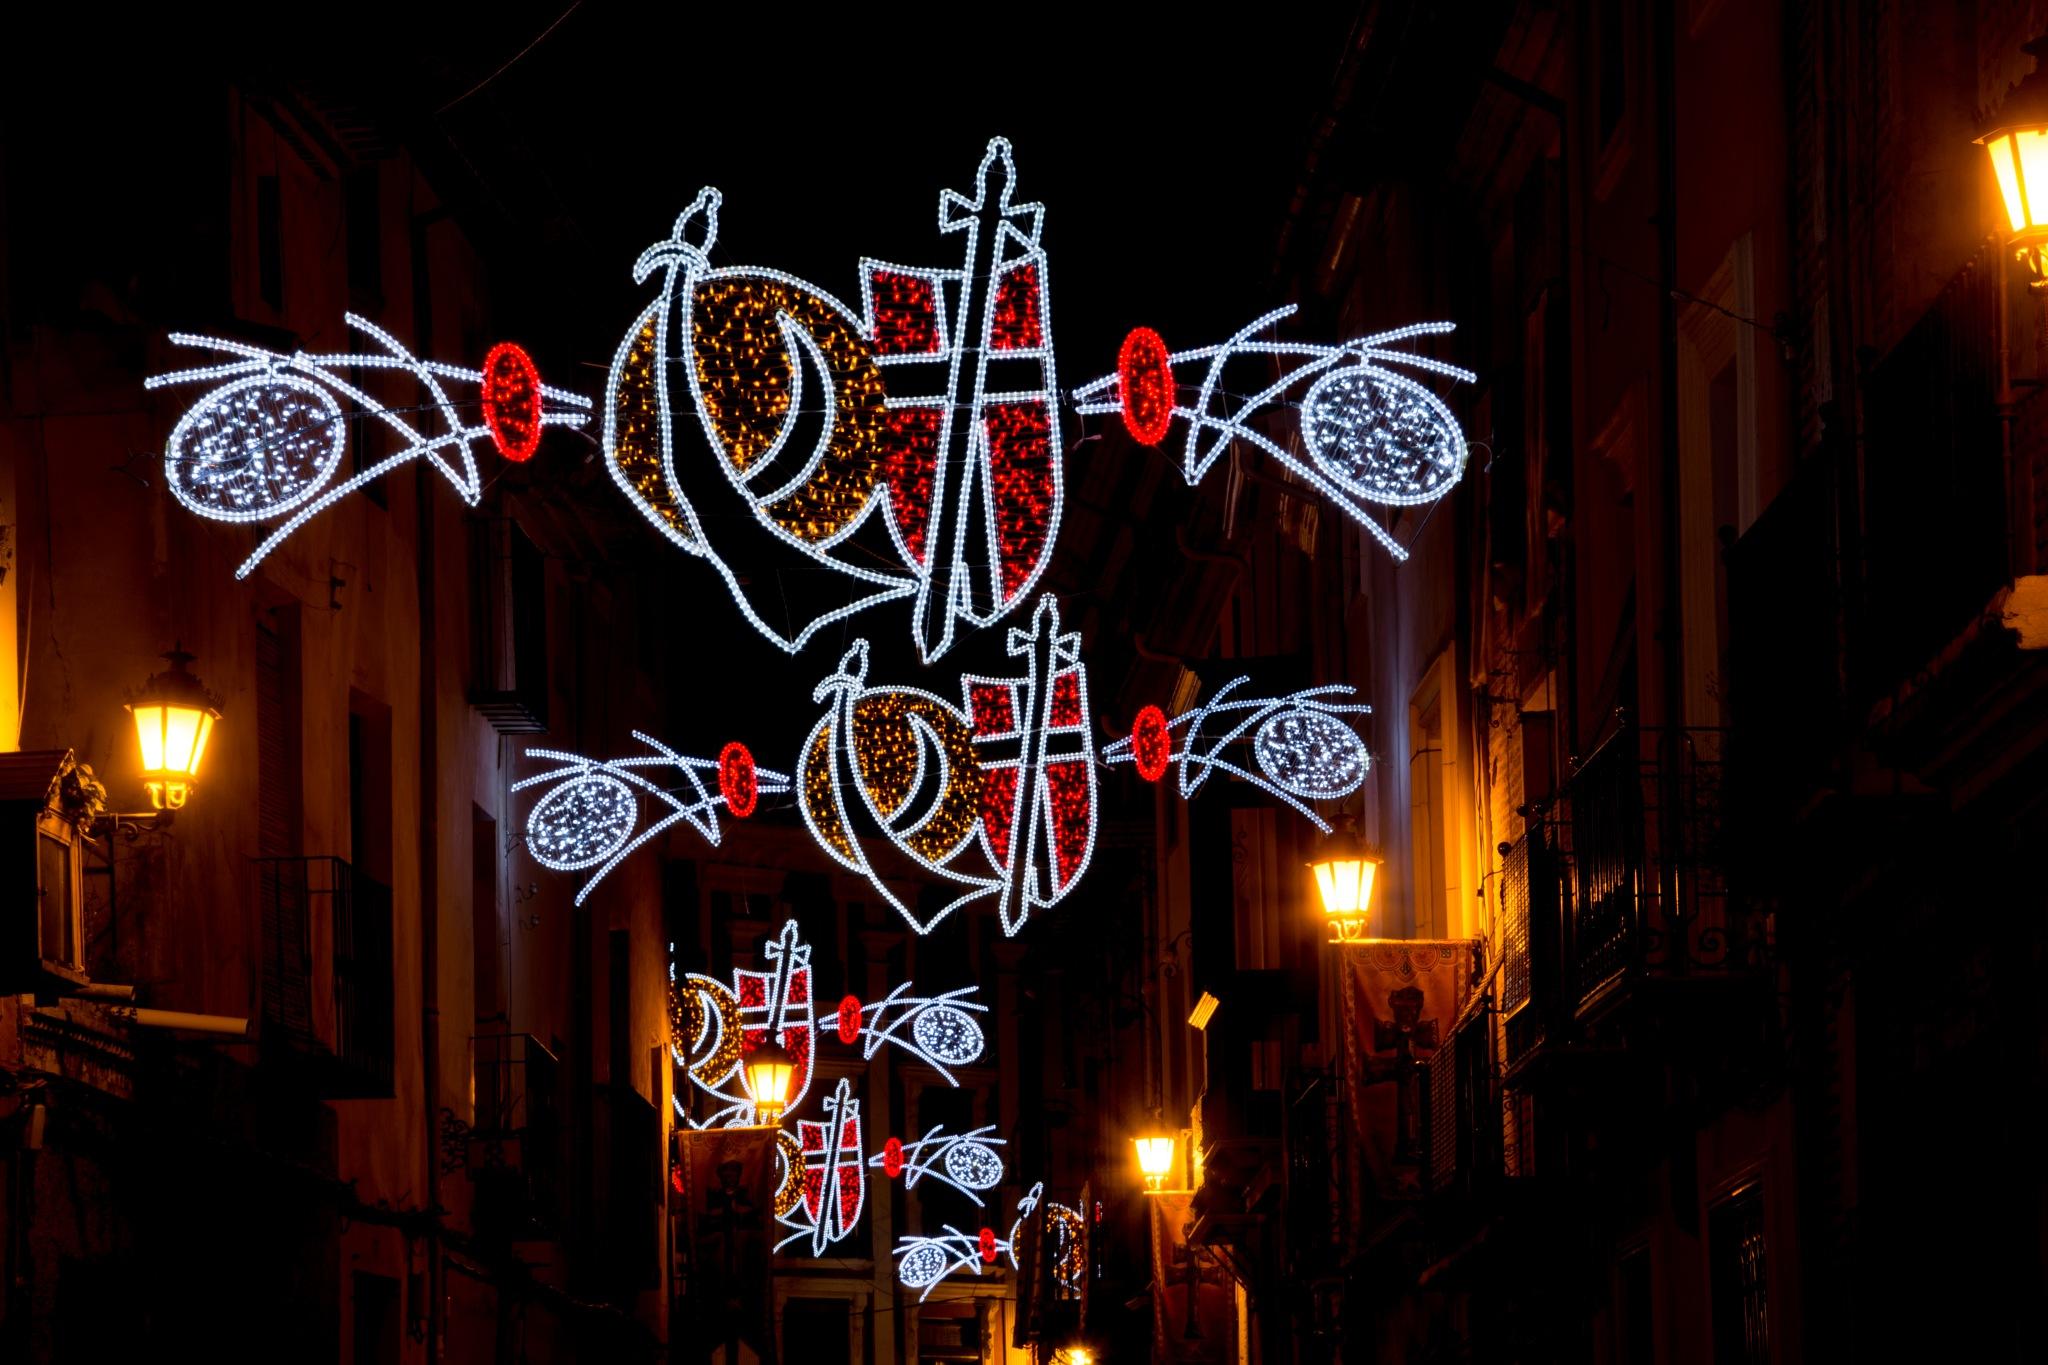 La  noche y la fiesta. by MiguelOnPhotography